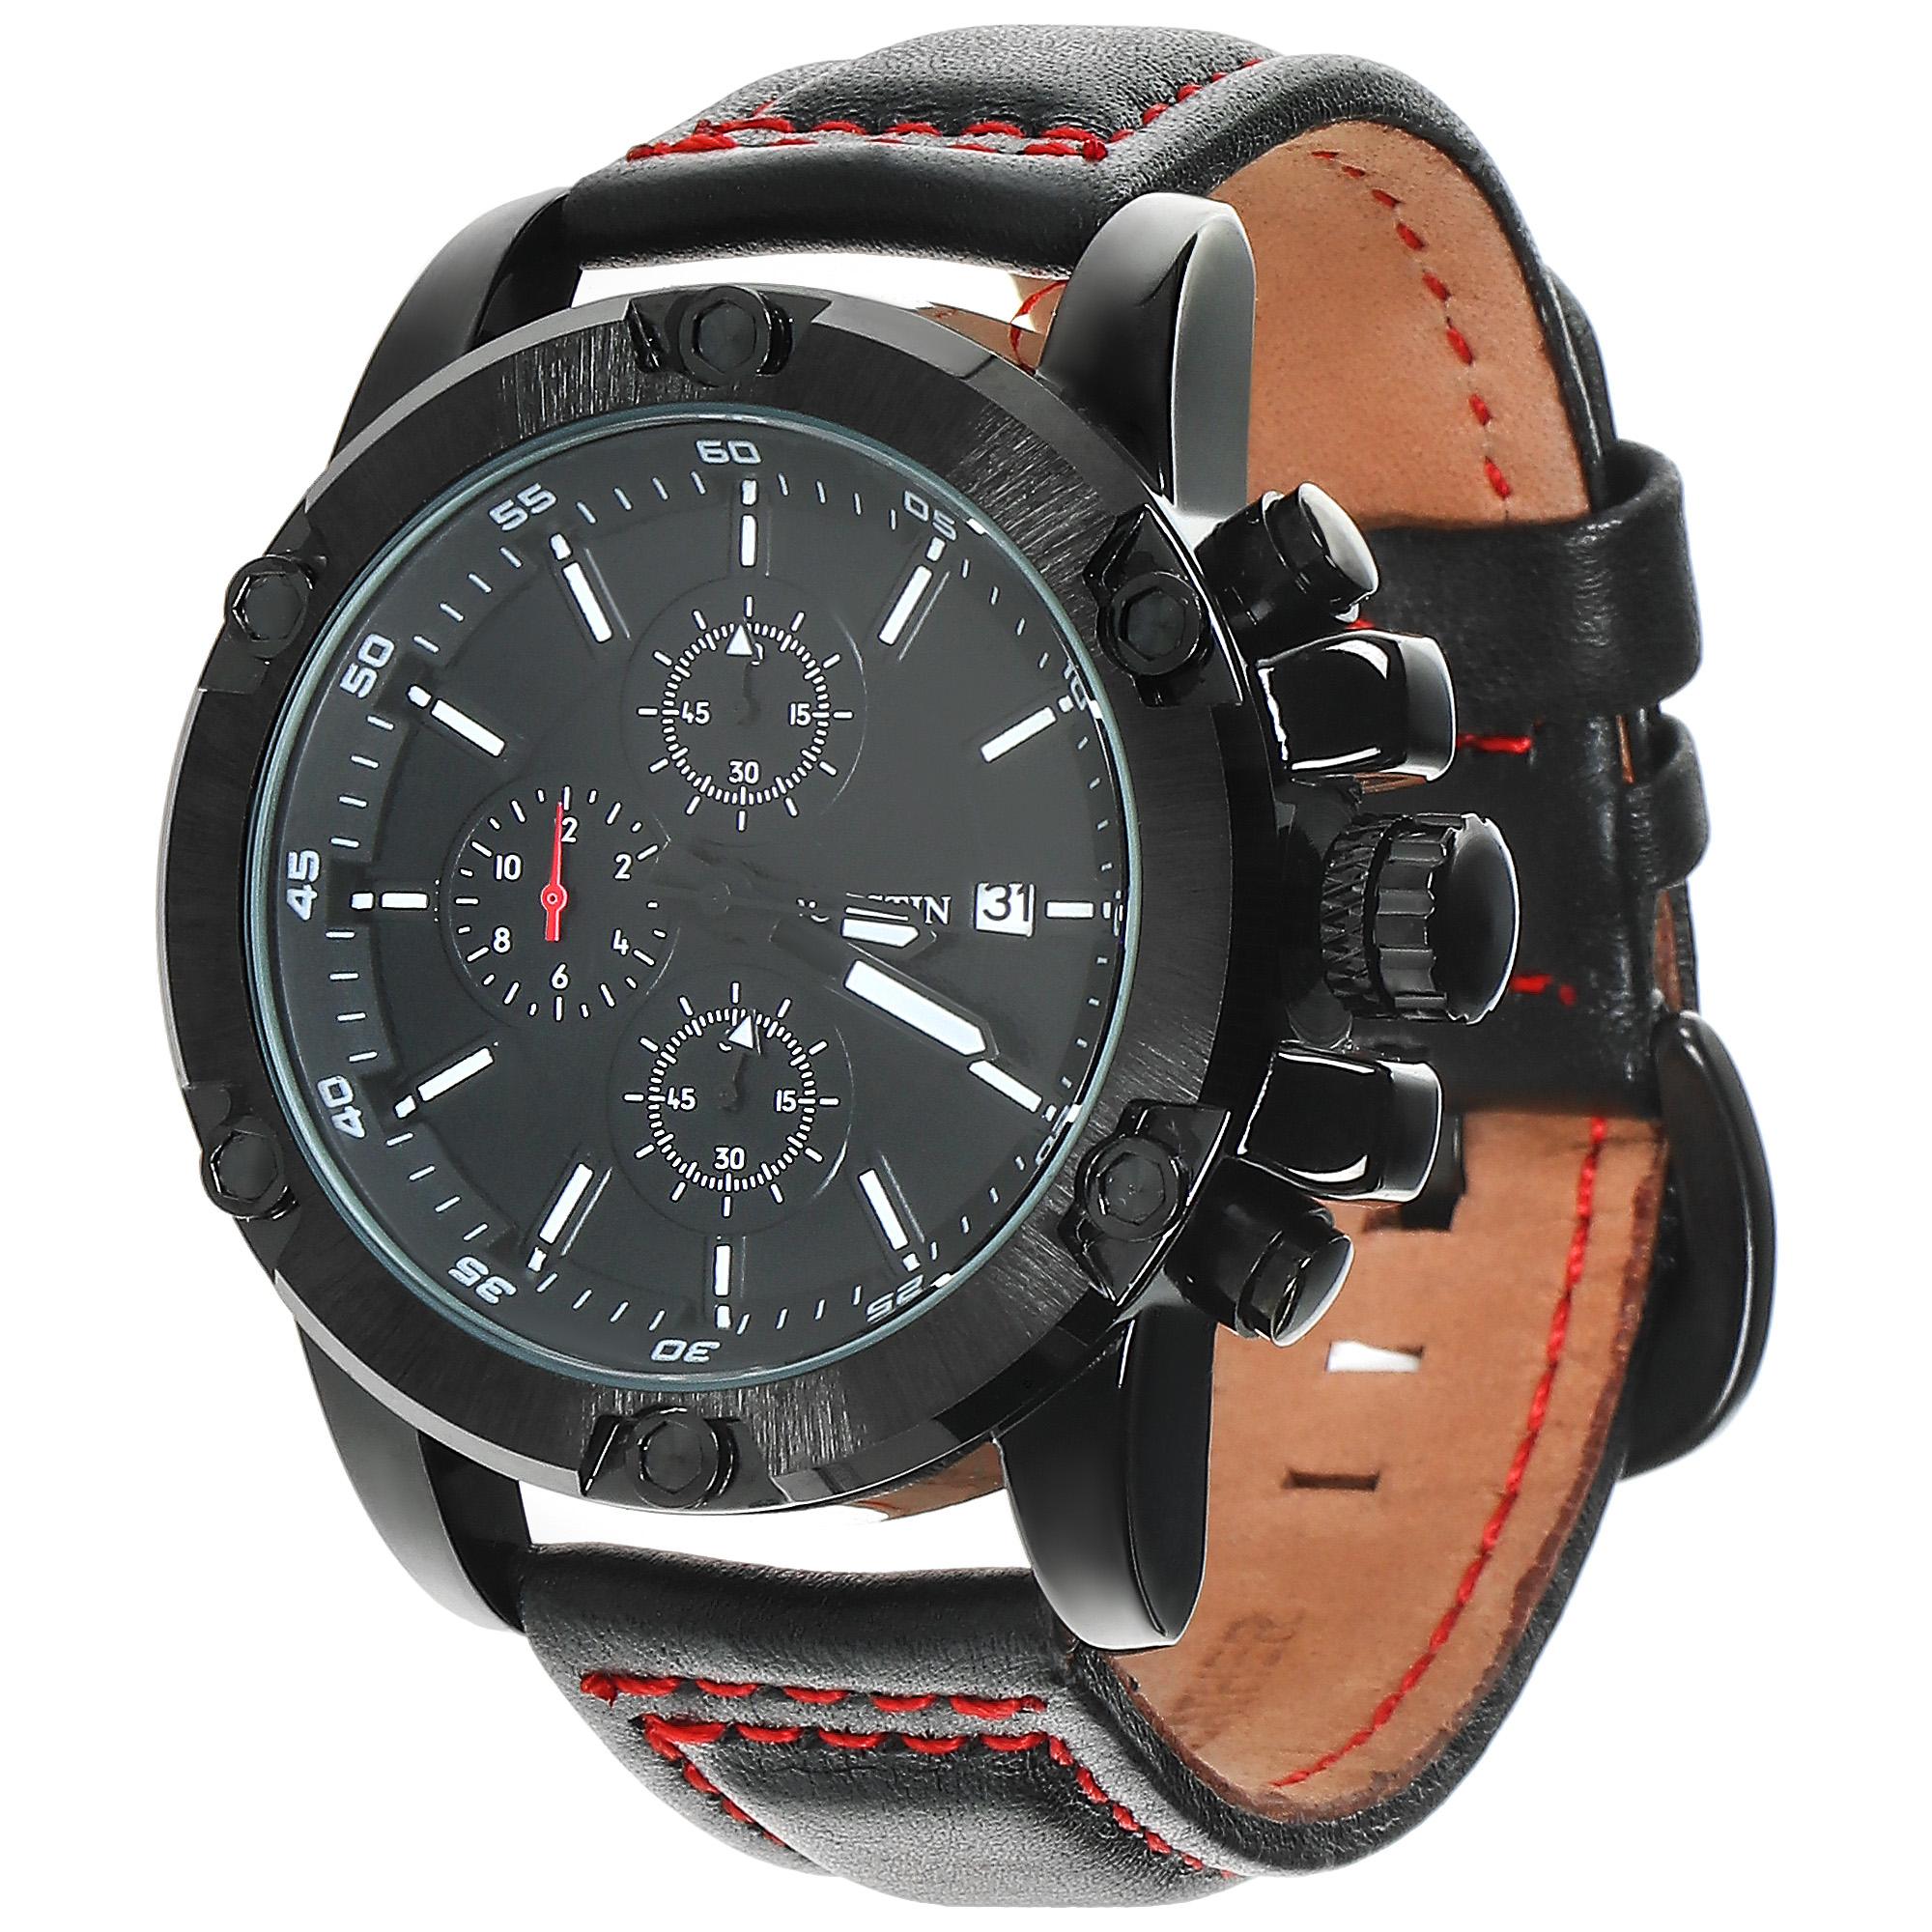 Часы наручные Ochstin AGSD4901 часы наручные shiyi watch ochstin agsda050119